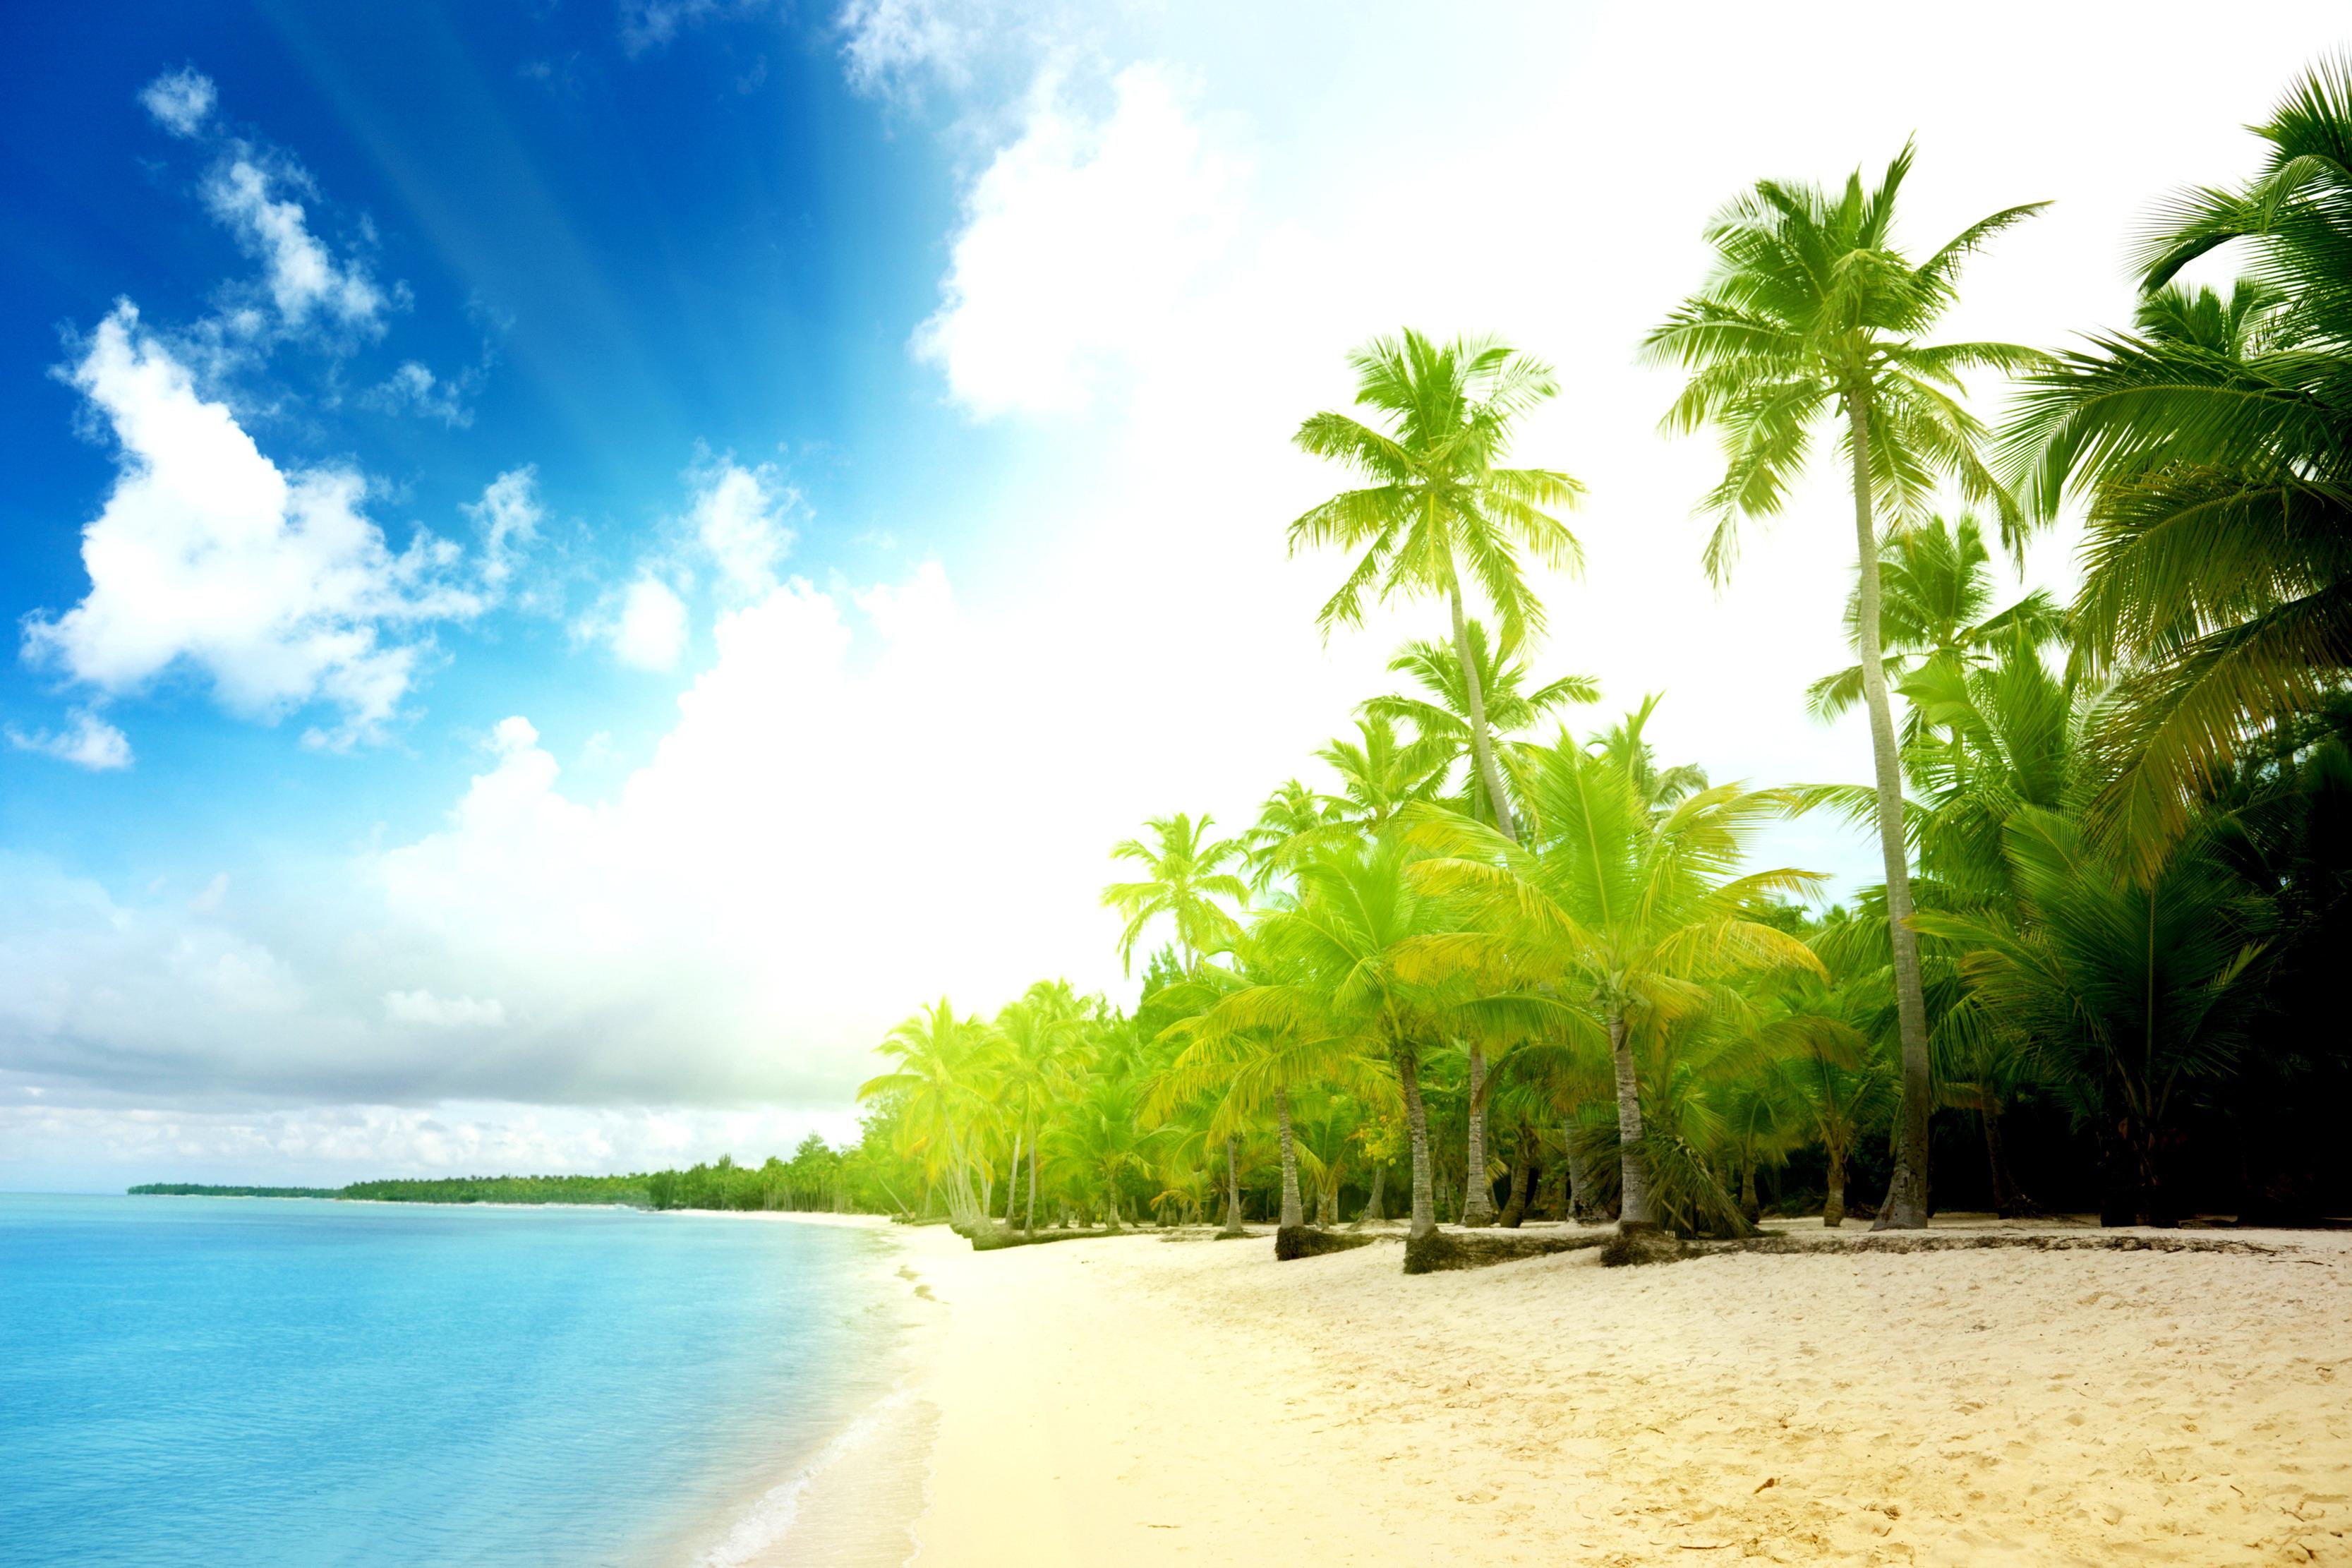 берег камни пальмы shore stones palm trees  № 792140 загрузить